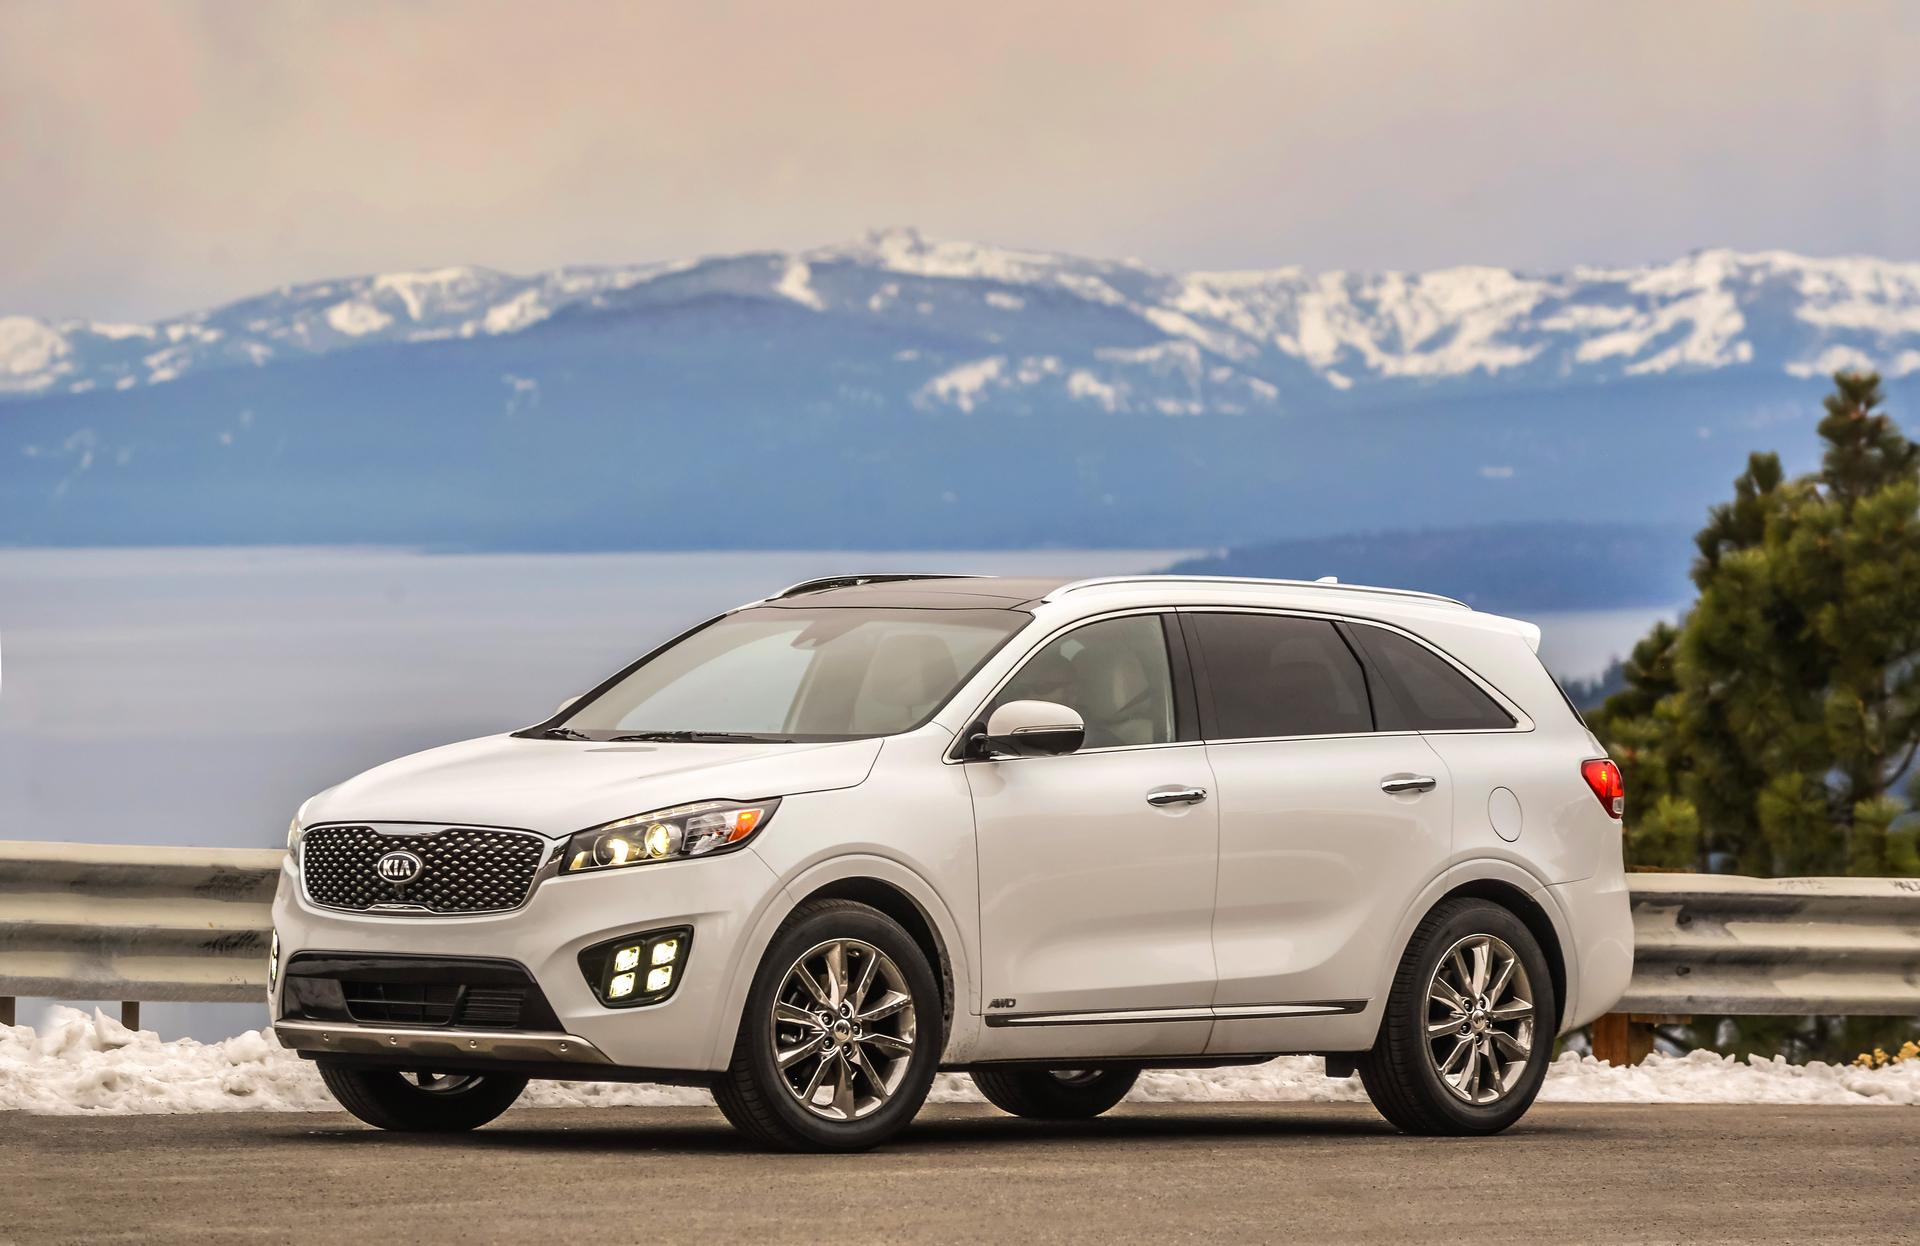 2017 Kia Sorento Achieves Top Safety Pick Plus Rating © Kia Motors